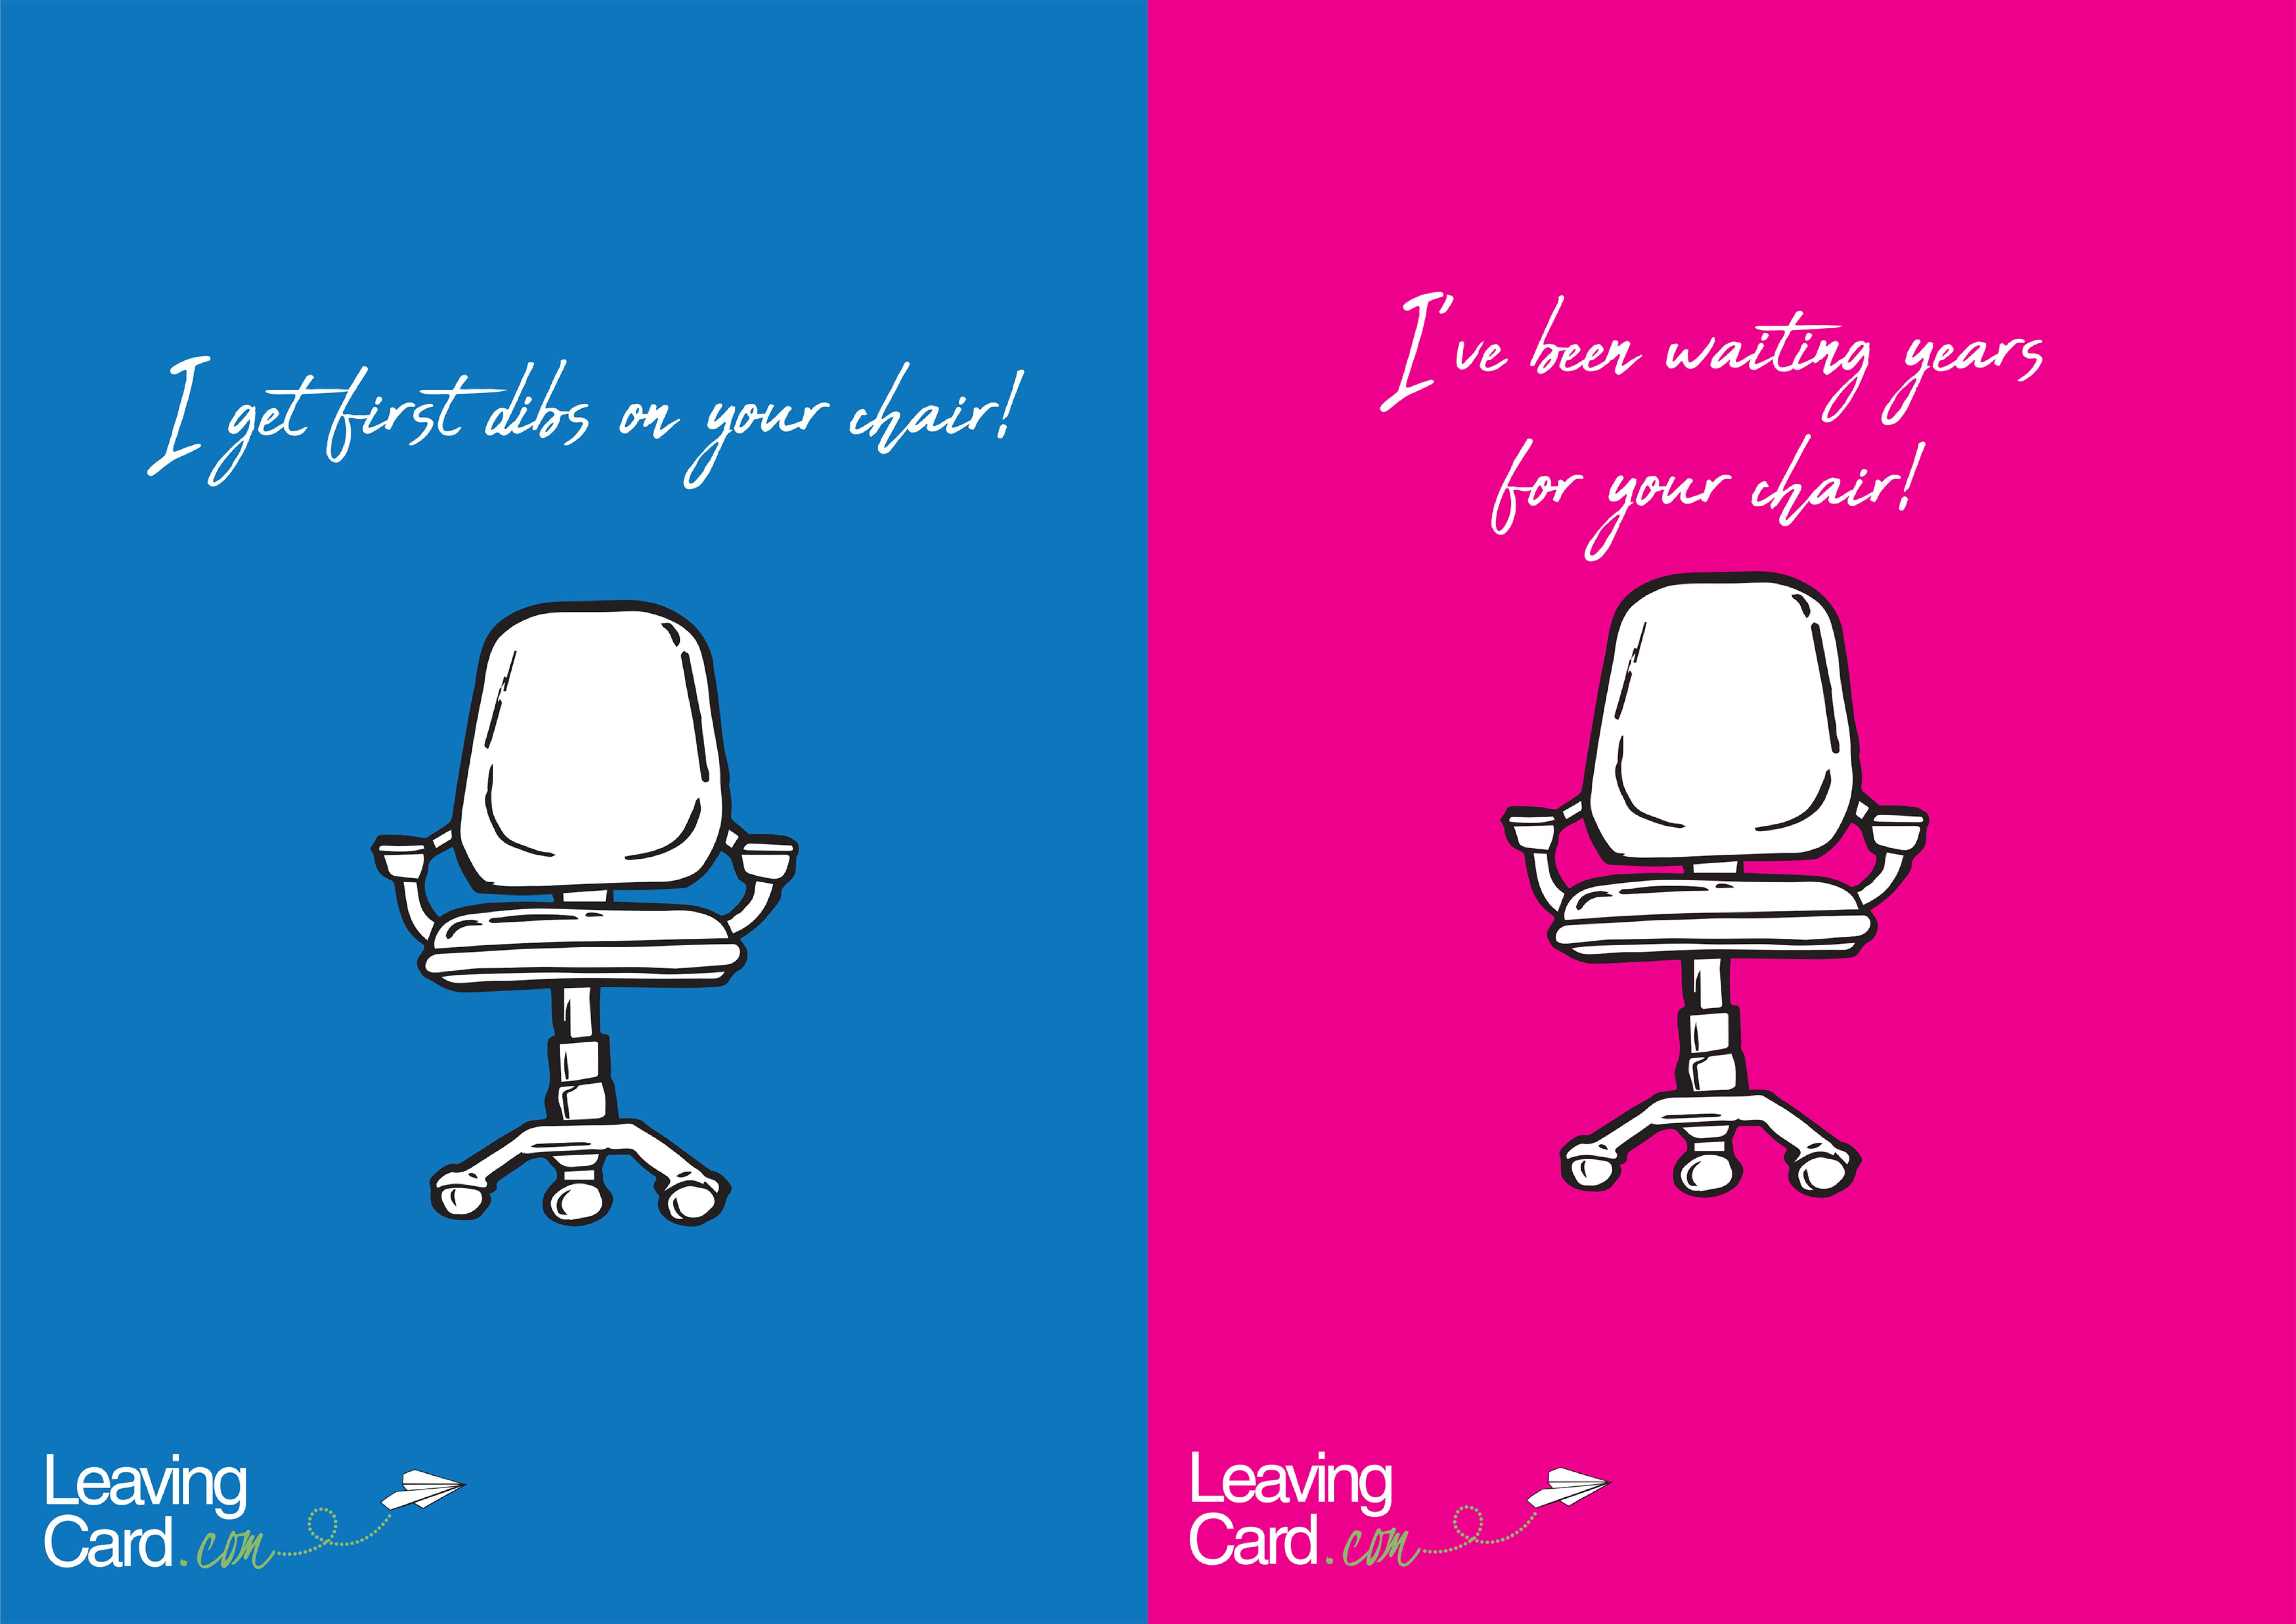 Chair1drib